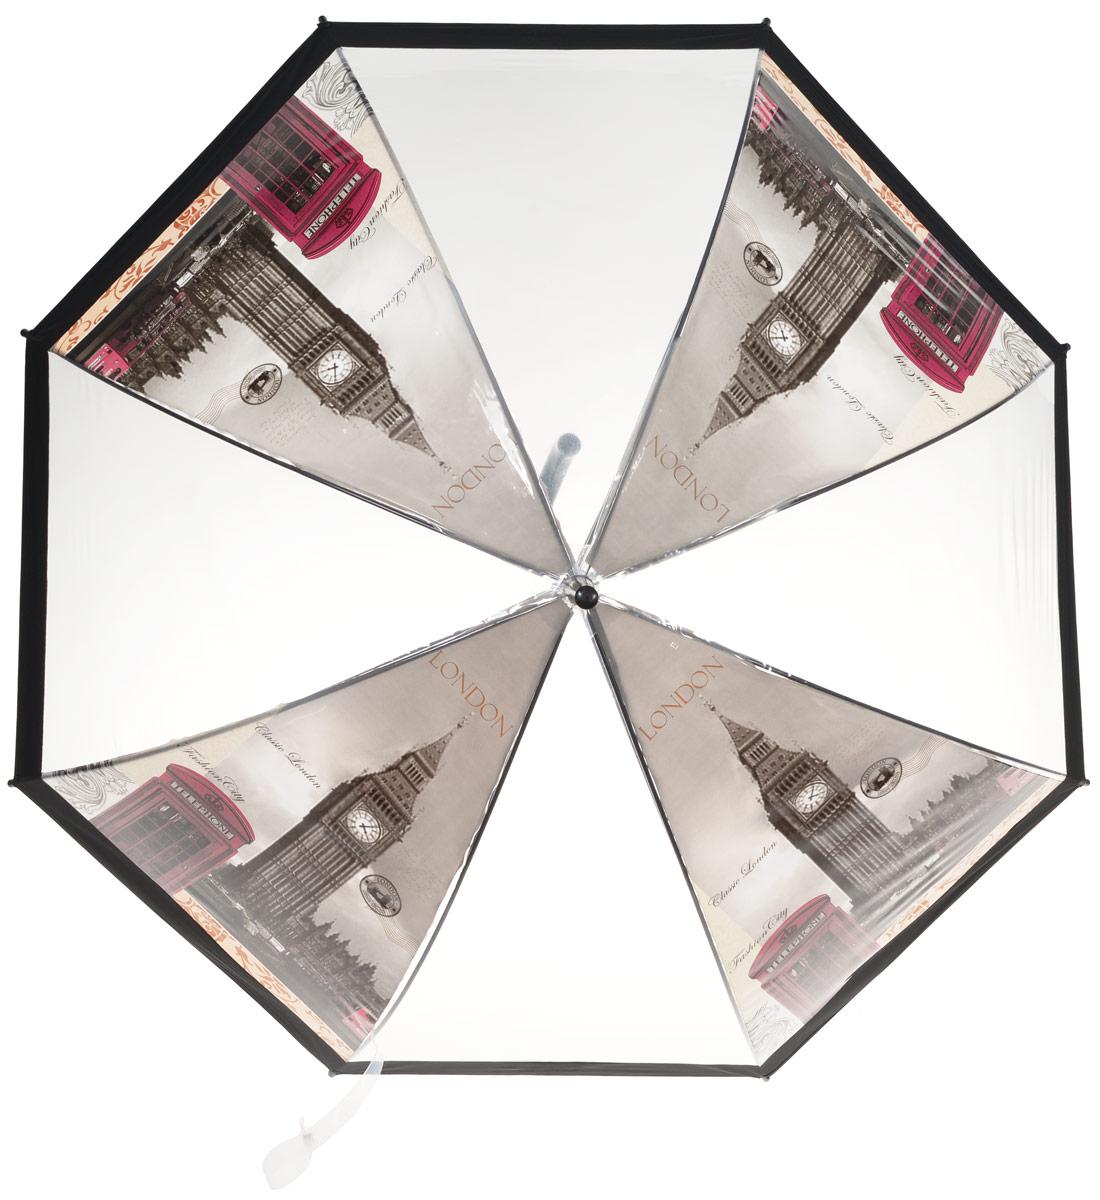 Зонт-трость женский Эврика Лондон, полуавтомат, 2 сложения, цвет: прозрачный, черный, красный. 9660496604Оригинальный женский зонт-трость Эврика не оставит вас без внимания. Изделие оформлено вставками с изображением улицы Лондона. Зонт состоит из стержня и спиц, изготовленных из металла. Купол изготовлен из качественного ПВХ, который надежно защитит вас от дождя. Зонт дополнен удобной ручкой из пластика, которая выполнена в виде крючка. Также зонт имеет пластиковый наконечник, который устраняет попадание воды на стержень и уберегает зонт от повреждений. Изделие имеет полуавтоматический механизм сложения: купол открывается нажатием кнопки на ручке, а складывается вручную до характерного щелчка. Зонт закрывается хлястиком на кнопку. Такой зонт не только надежно защитит от дождя, но и подчеркнет ваш образ и сделает его интереснее.